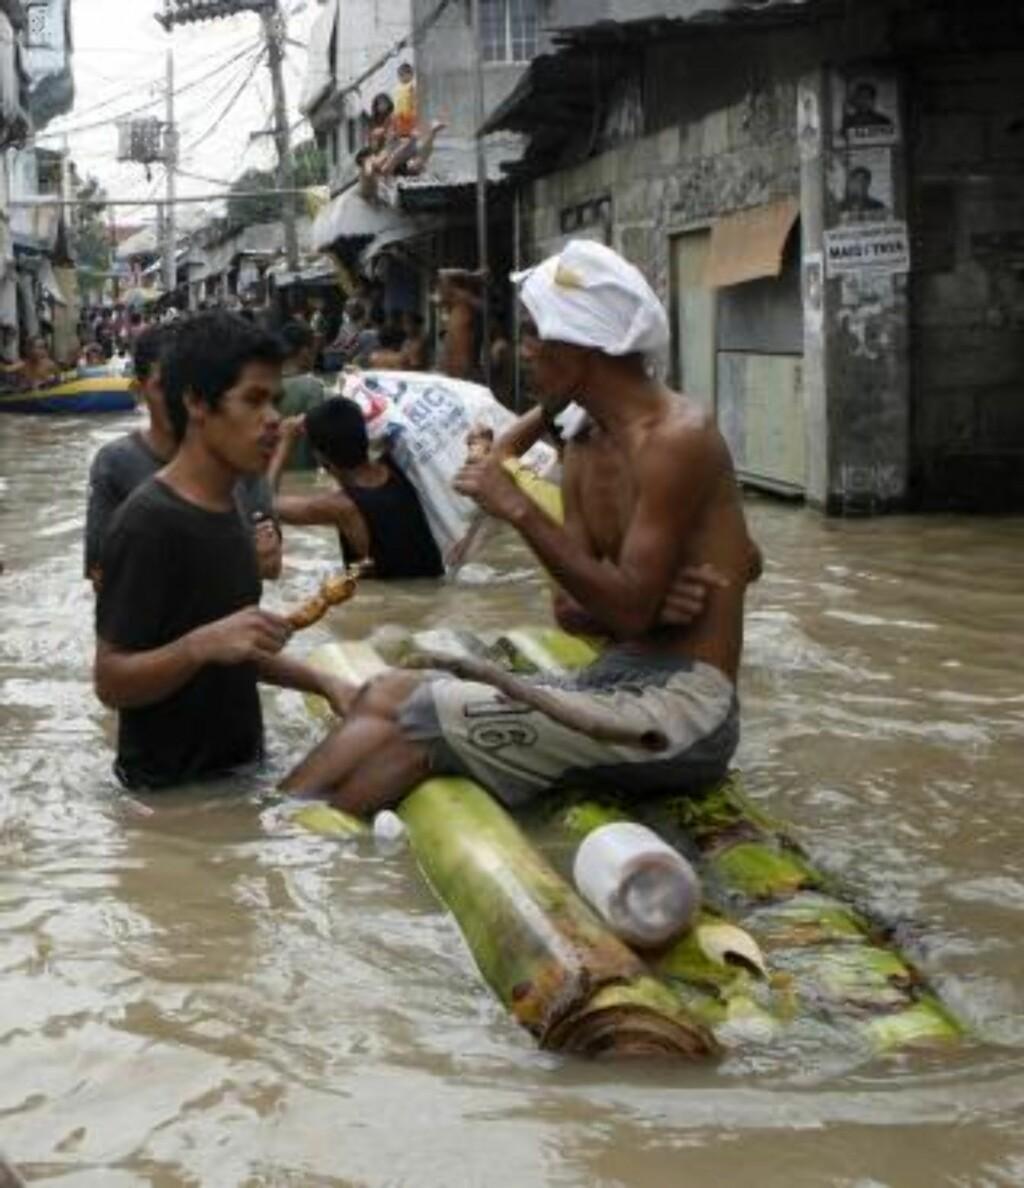 VANN OVERALT: To menn prøver å få i seg litt mat mens flomvannet står høyt i gatene i Binan Laguna, sør for Manila. Foto: REUTERS/Erik de Castro